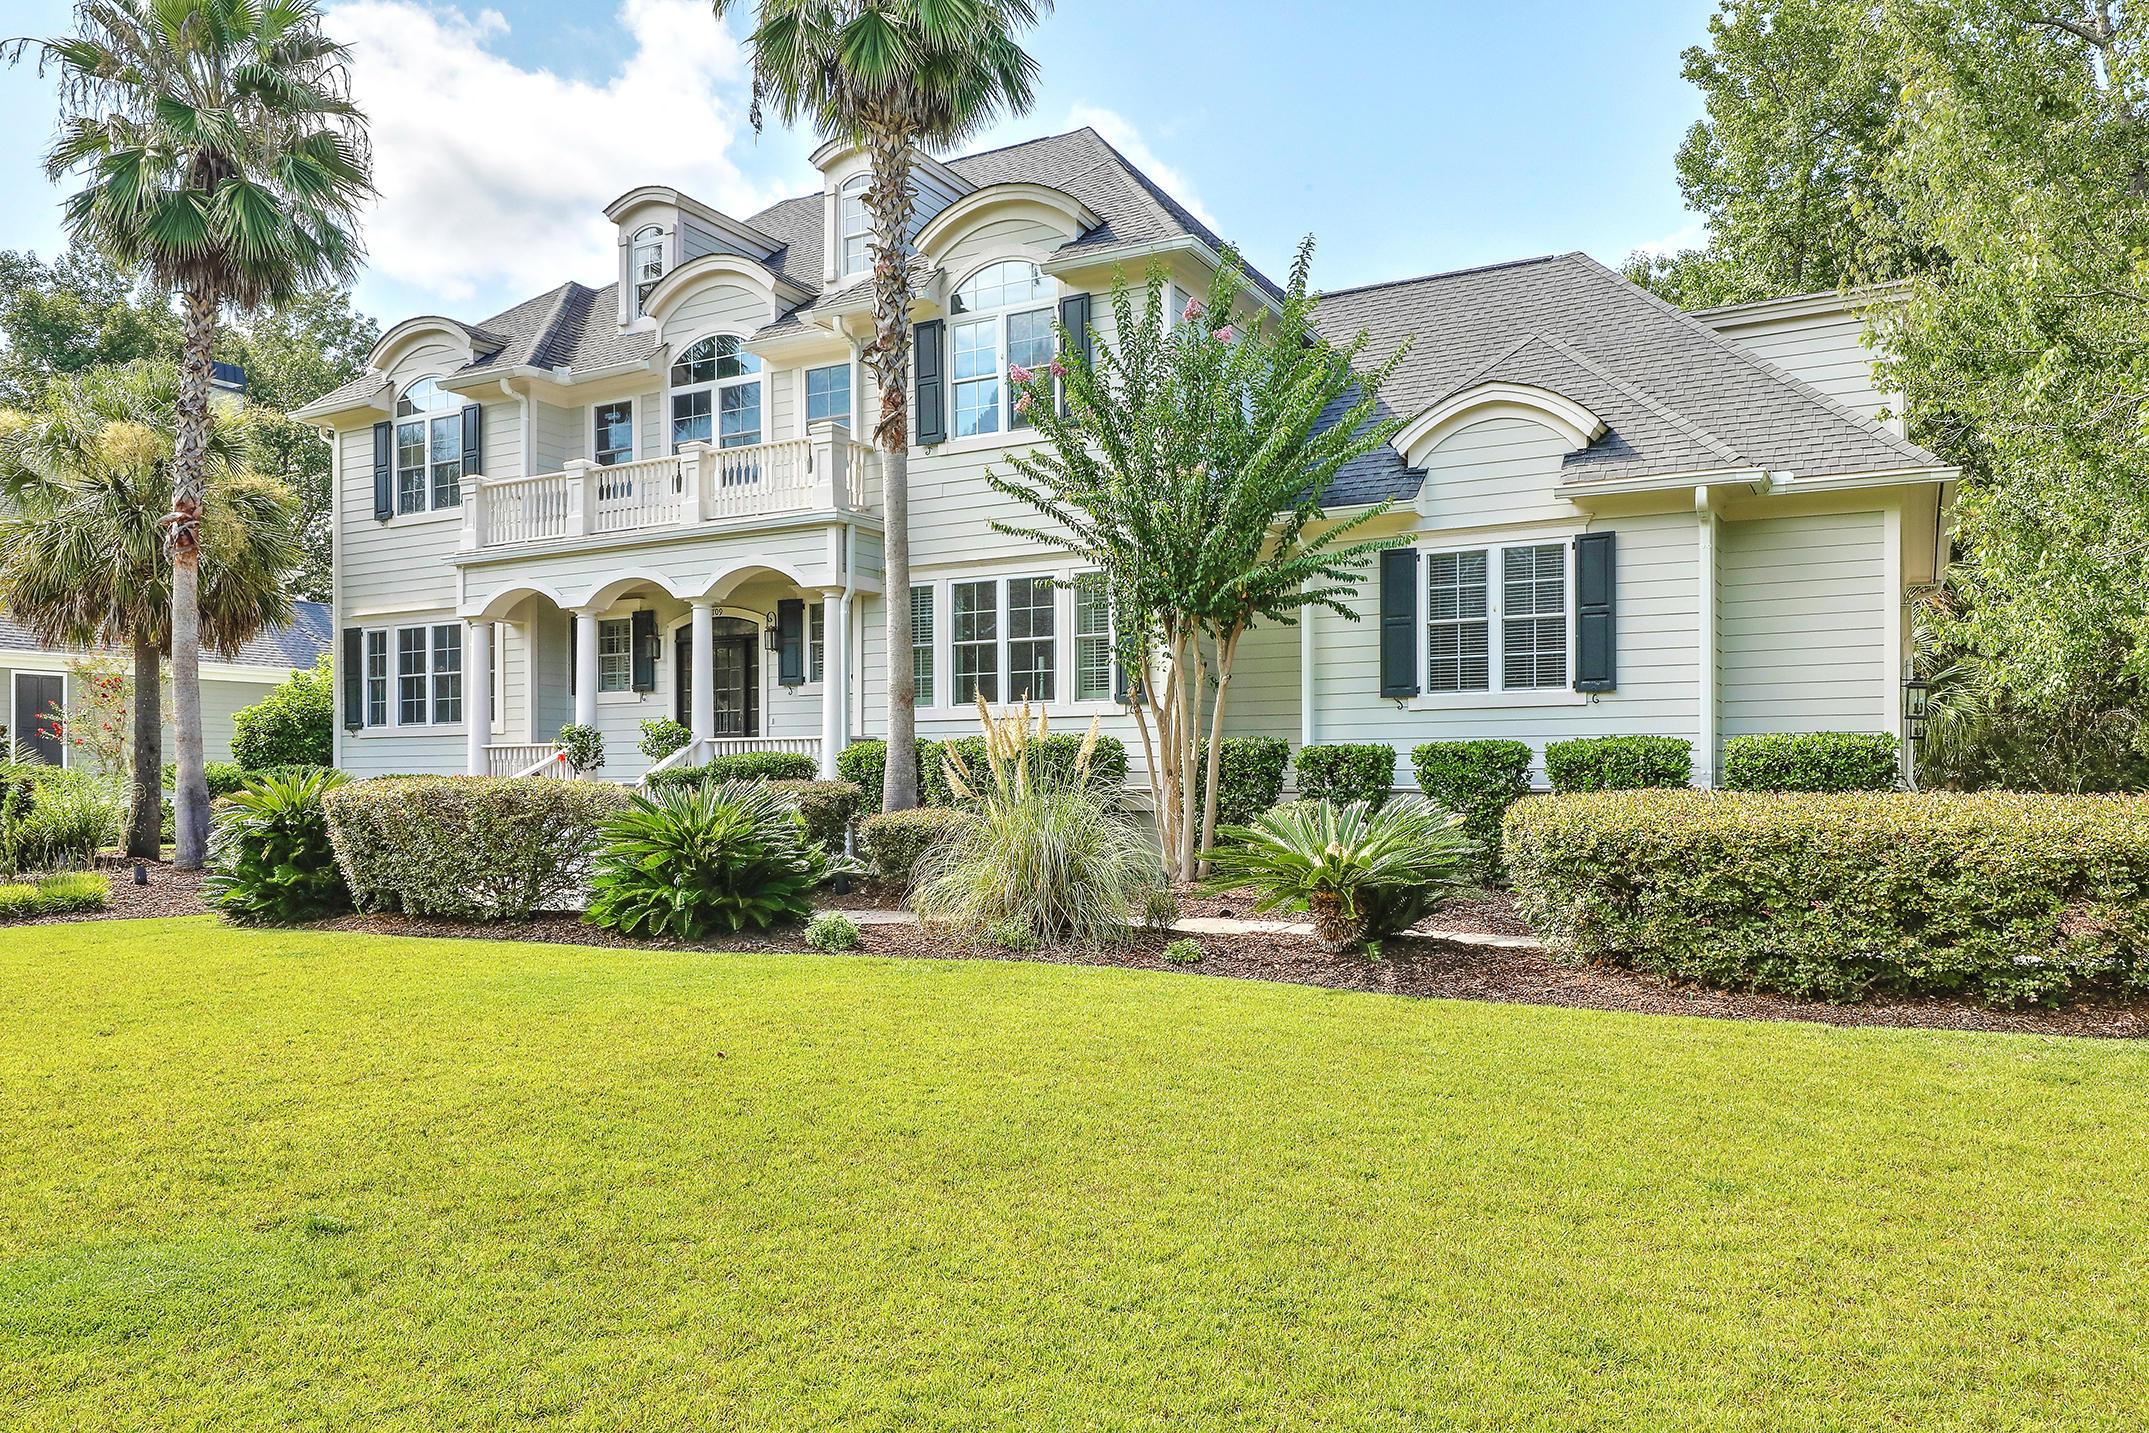 Park West Homes For Sale - 2109 Beckenham, Mount Pleasant, SC - 41